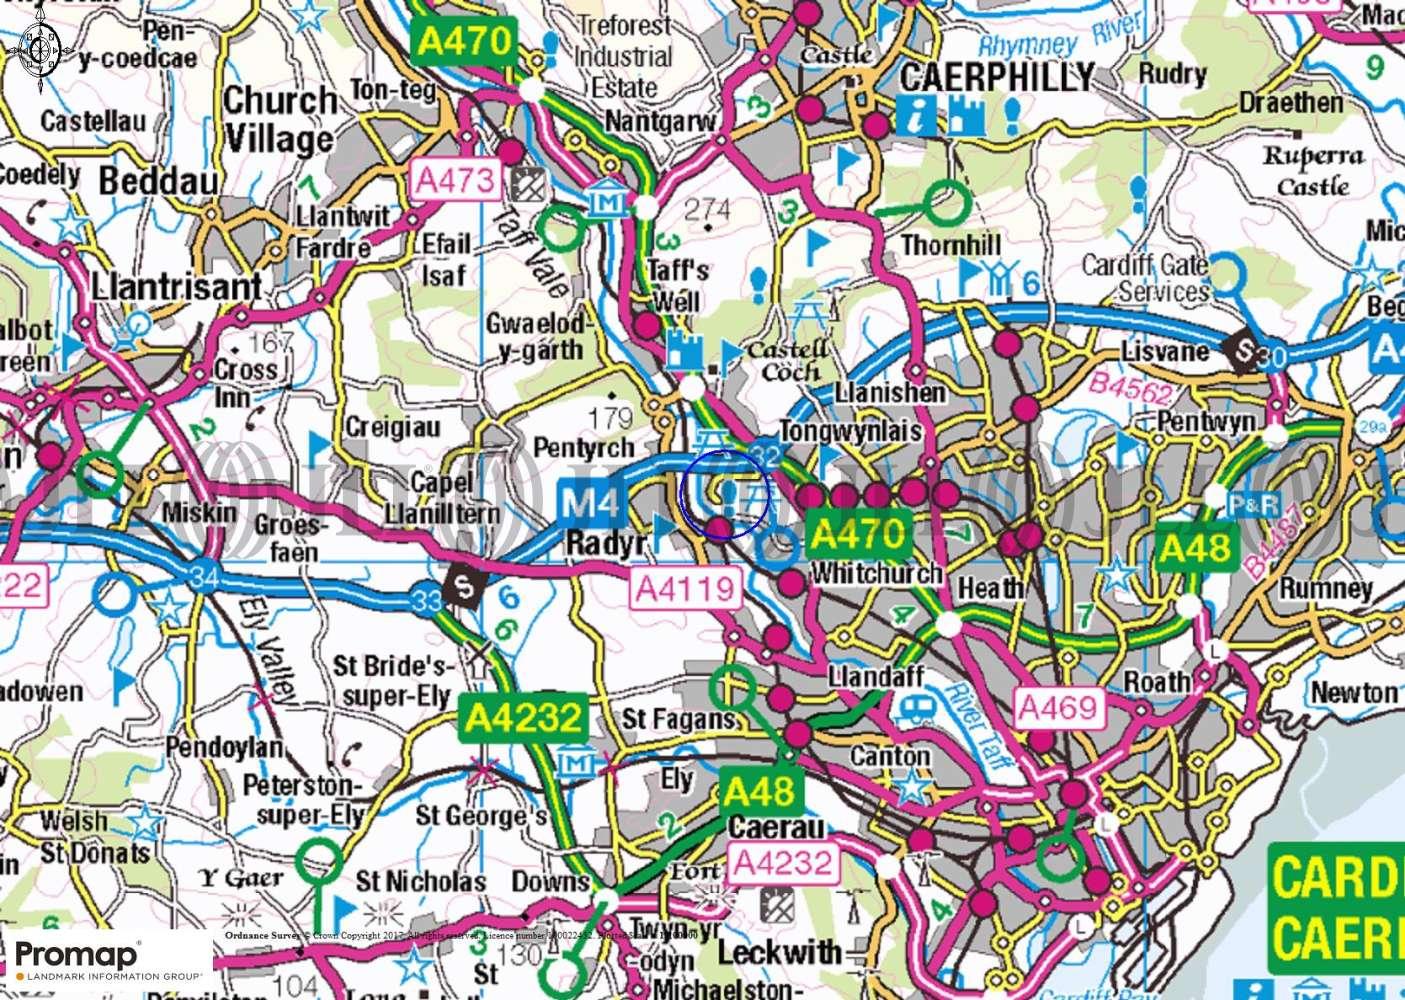 Industrial Cardiff, CF14 7HY - Unit 1 Fforest Farm Industrial Estate - 88006